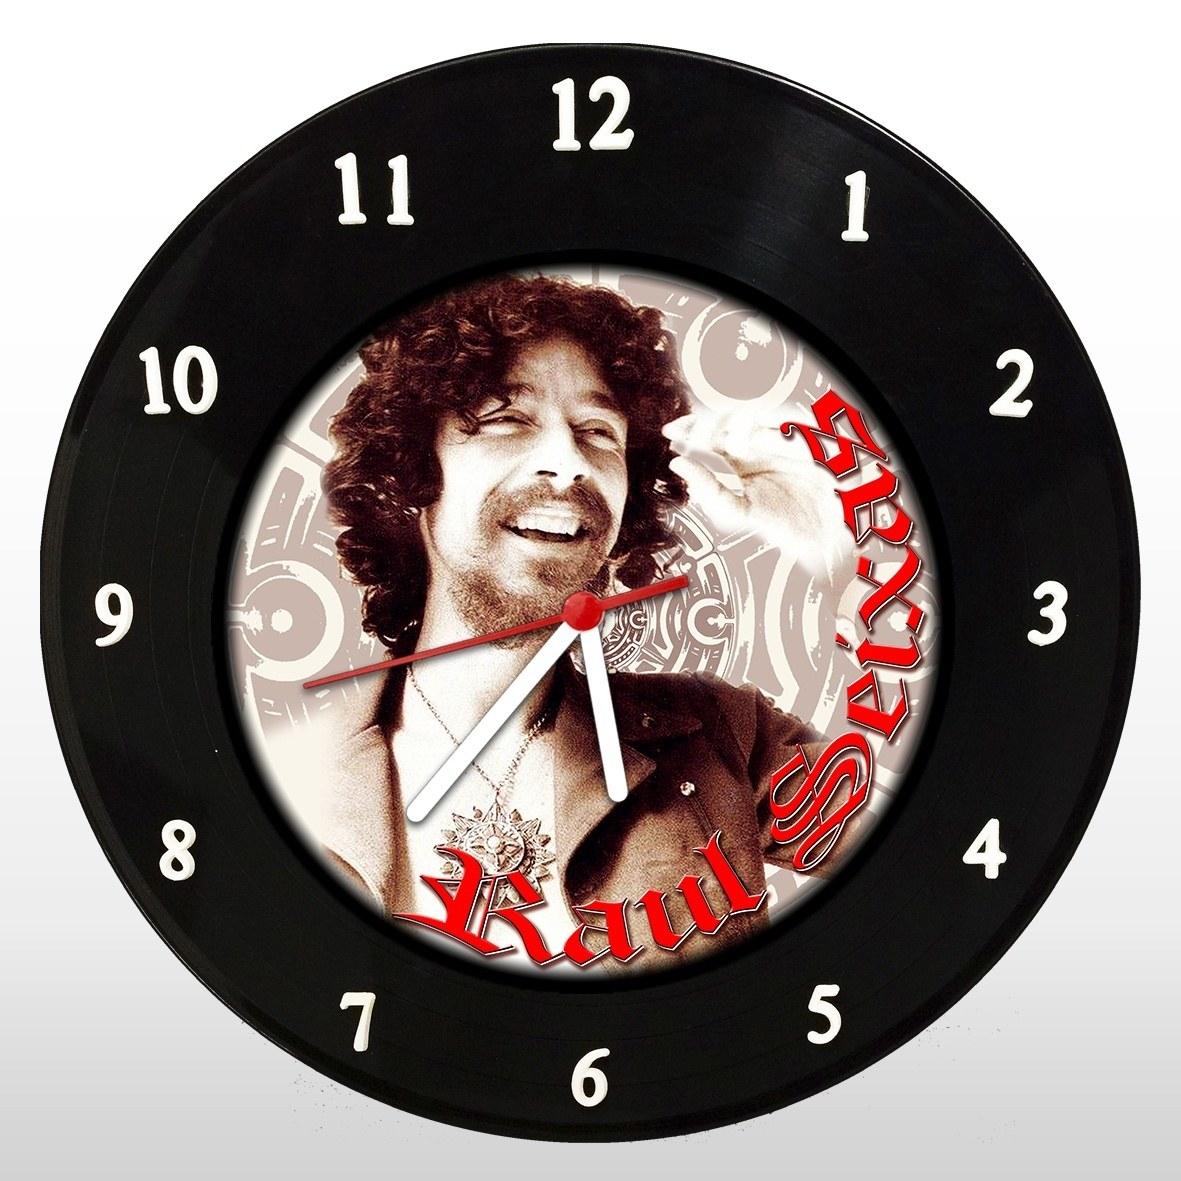 Raul Seixas - Relógio de Parede em Disco de Vinil - Mr. Rock